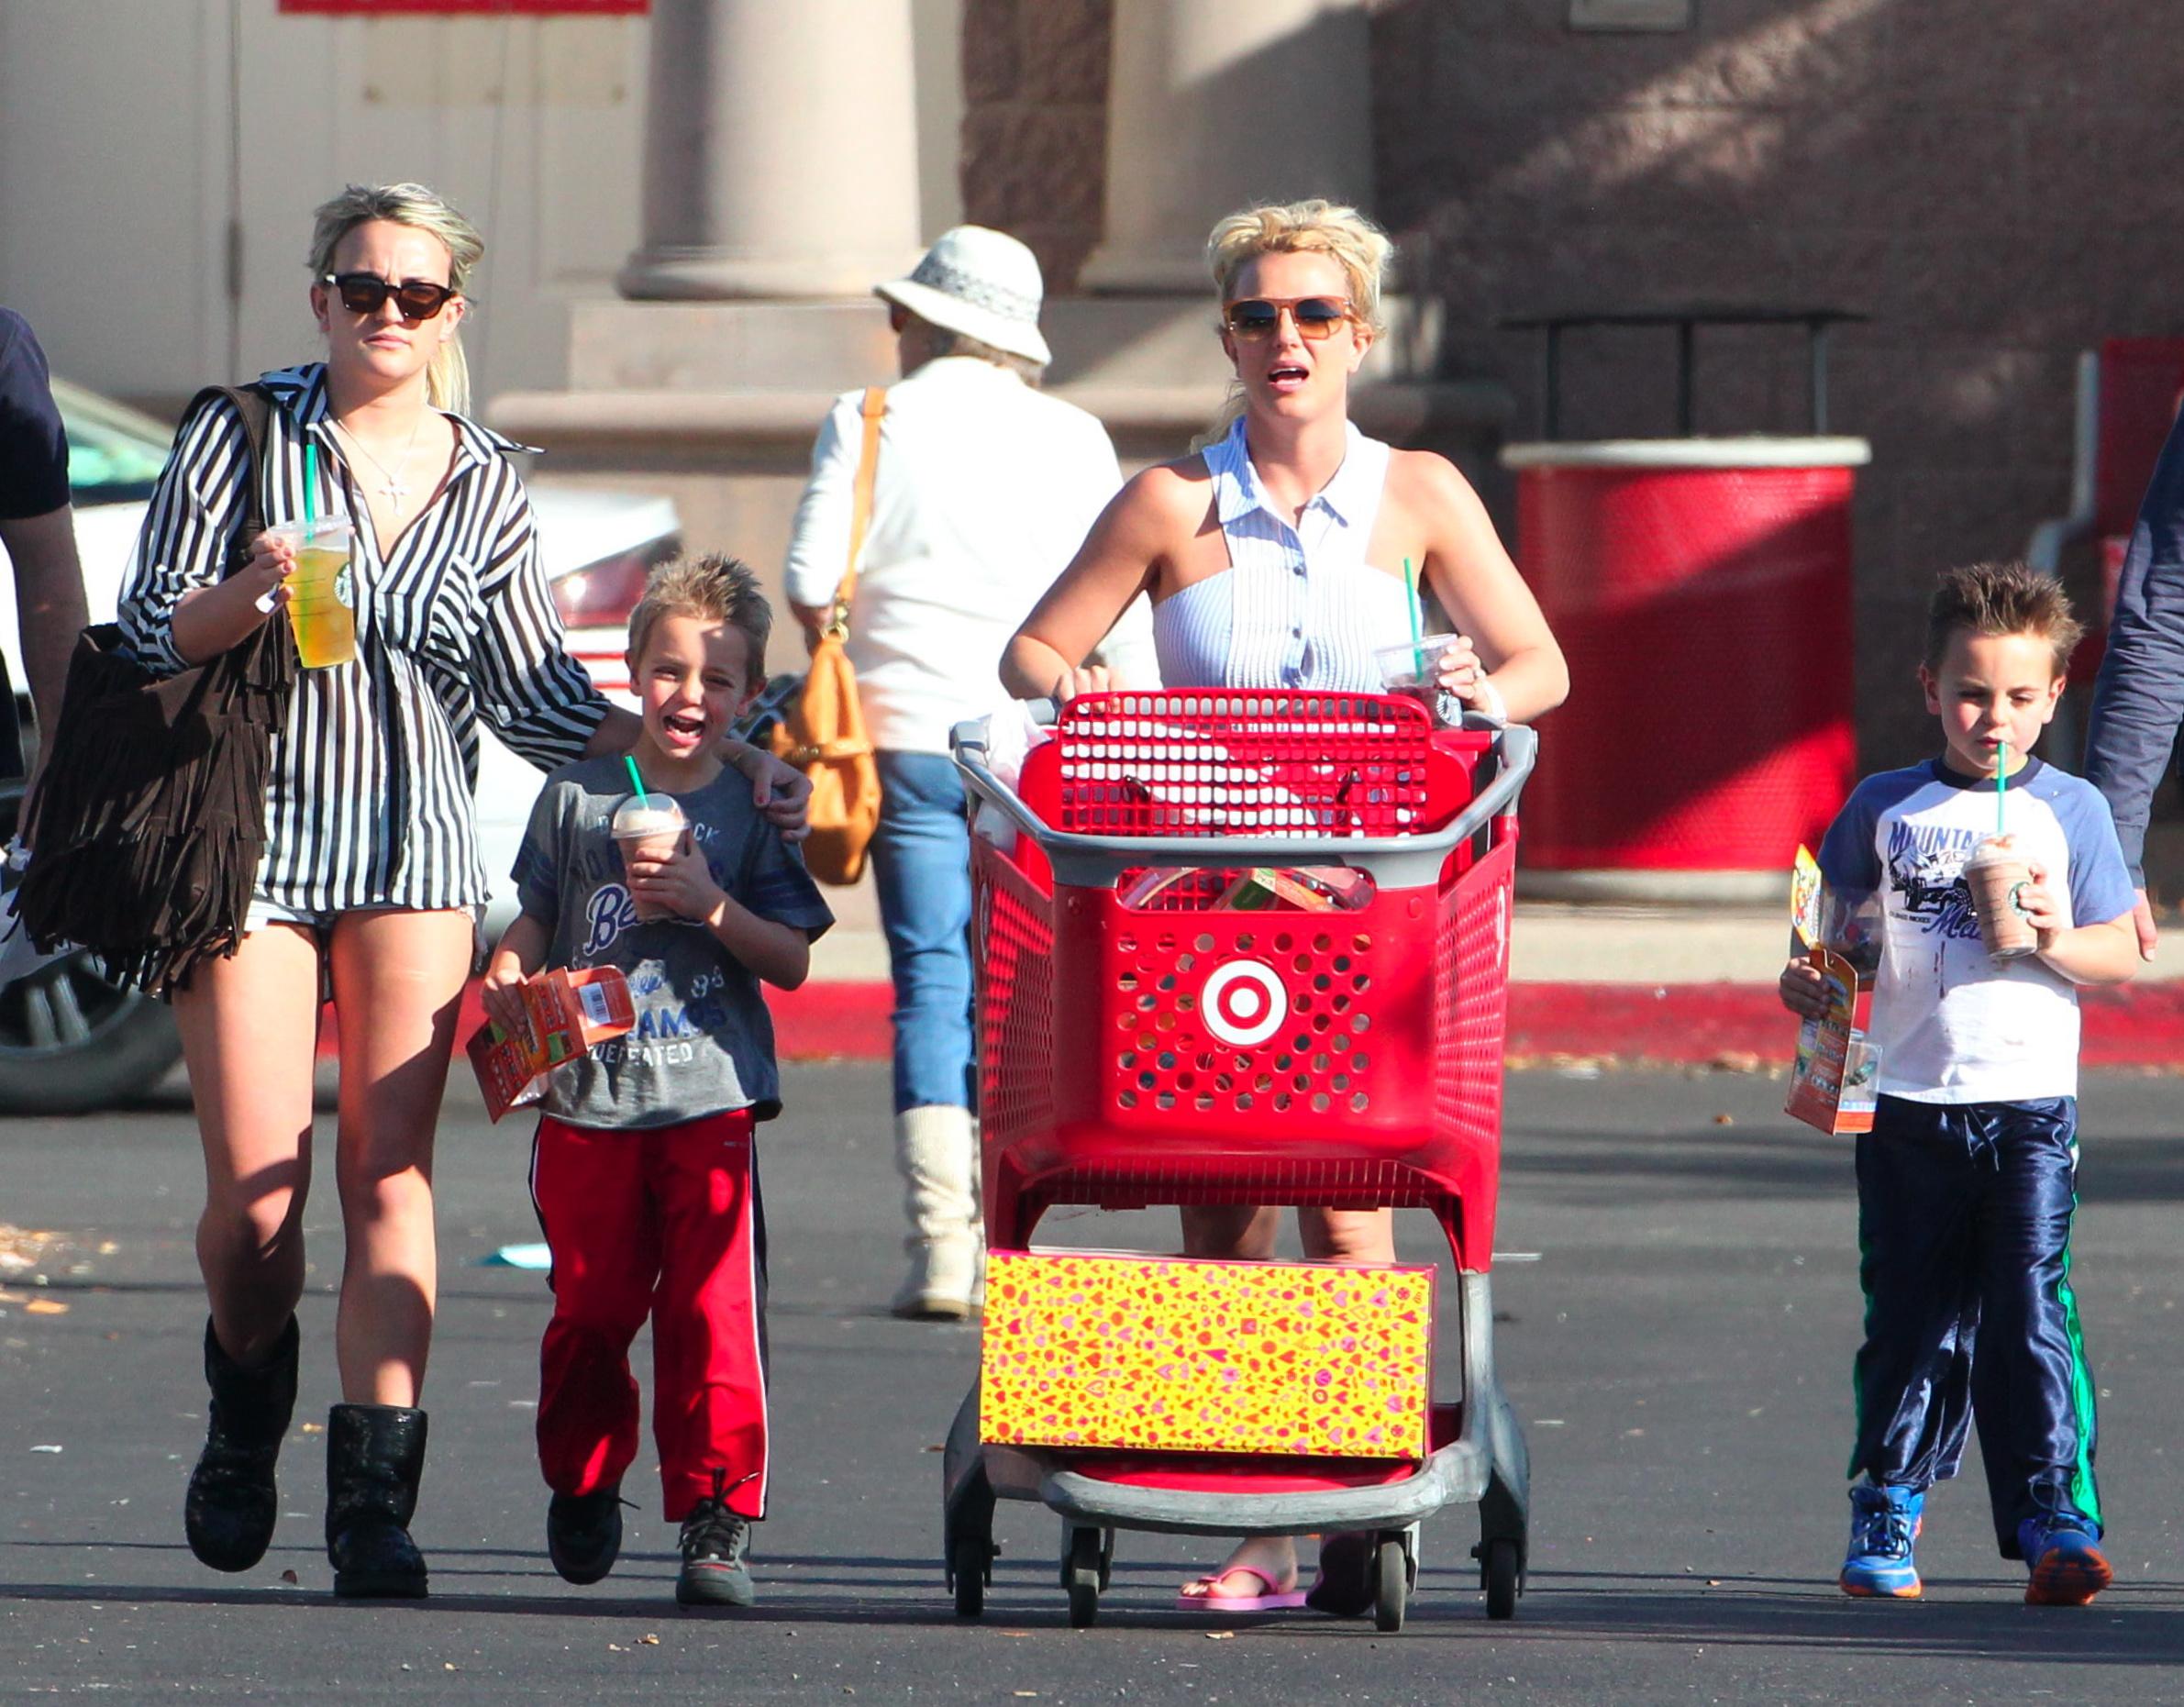 Britney Spears mostrou seu lado de casa ao fazer compras com os filhos, Sean Preston e Jayden James, e com a irmã, Jaime Lynn Spears, em um supermercado em Los Angeles, nos Estados Unidos.